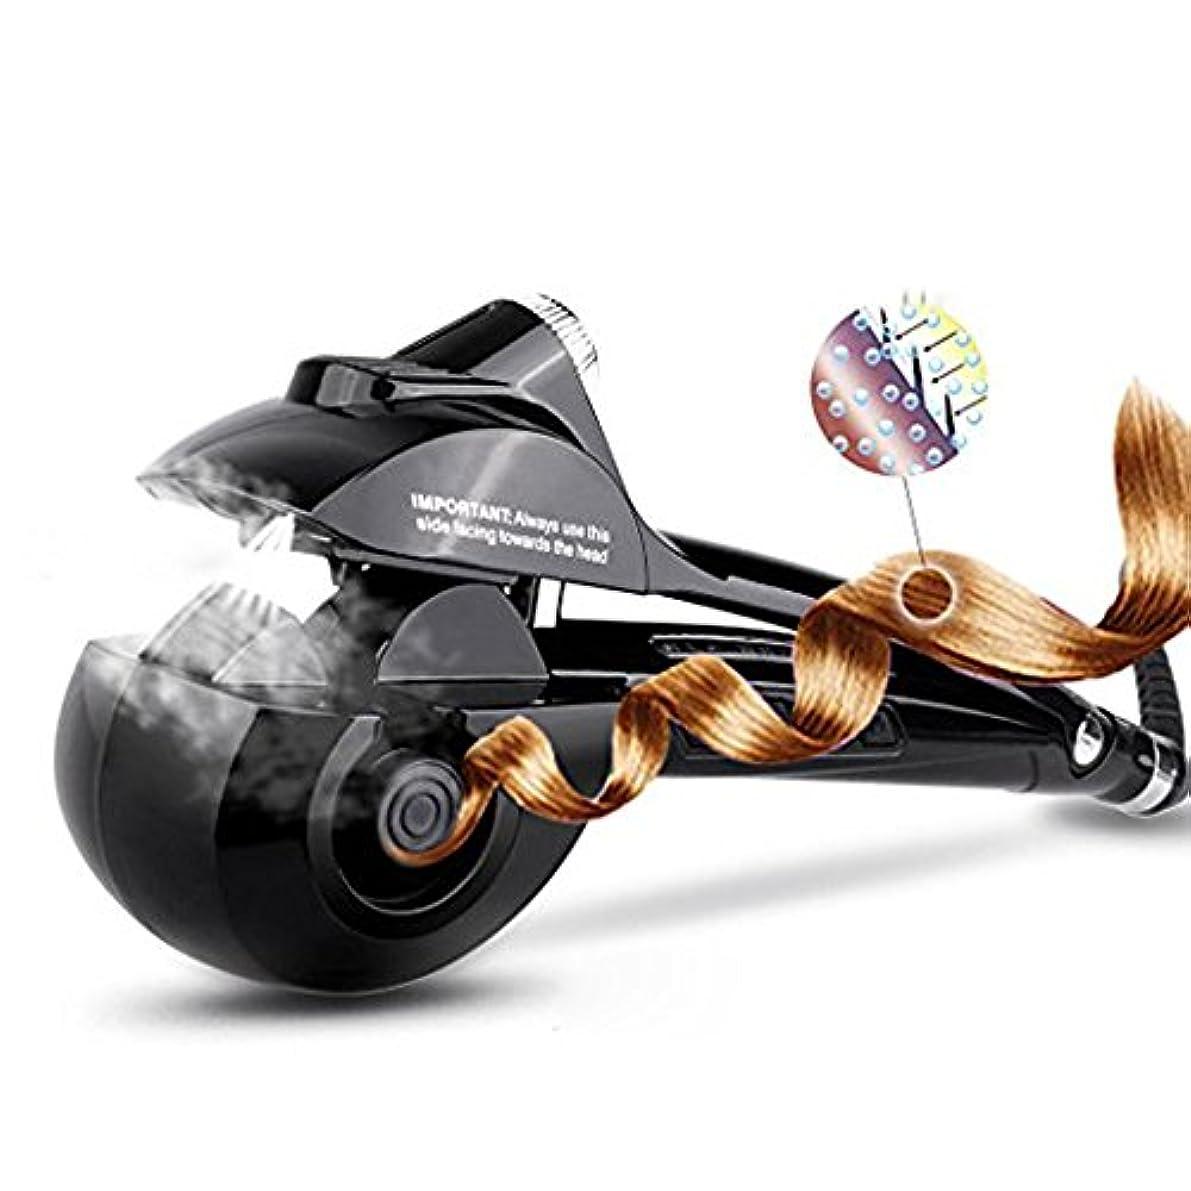 しおれたさまよう重なるオートカールアイロンREAK ヘアアイロン カール オートカールヘアアイロン スチームヘアアイロン アイロン蒸気 8秒自動巻き 自動巻きヘアアイロン スチーム機能 プロ仕様 海外対応 日本語説明書付き (黒)